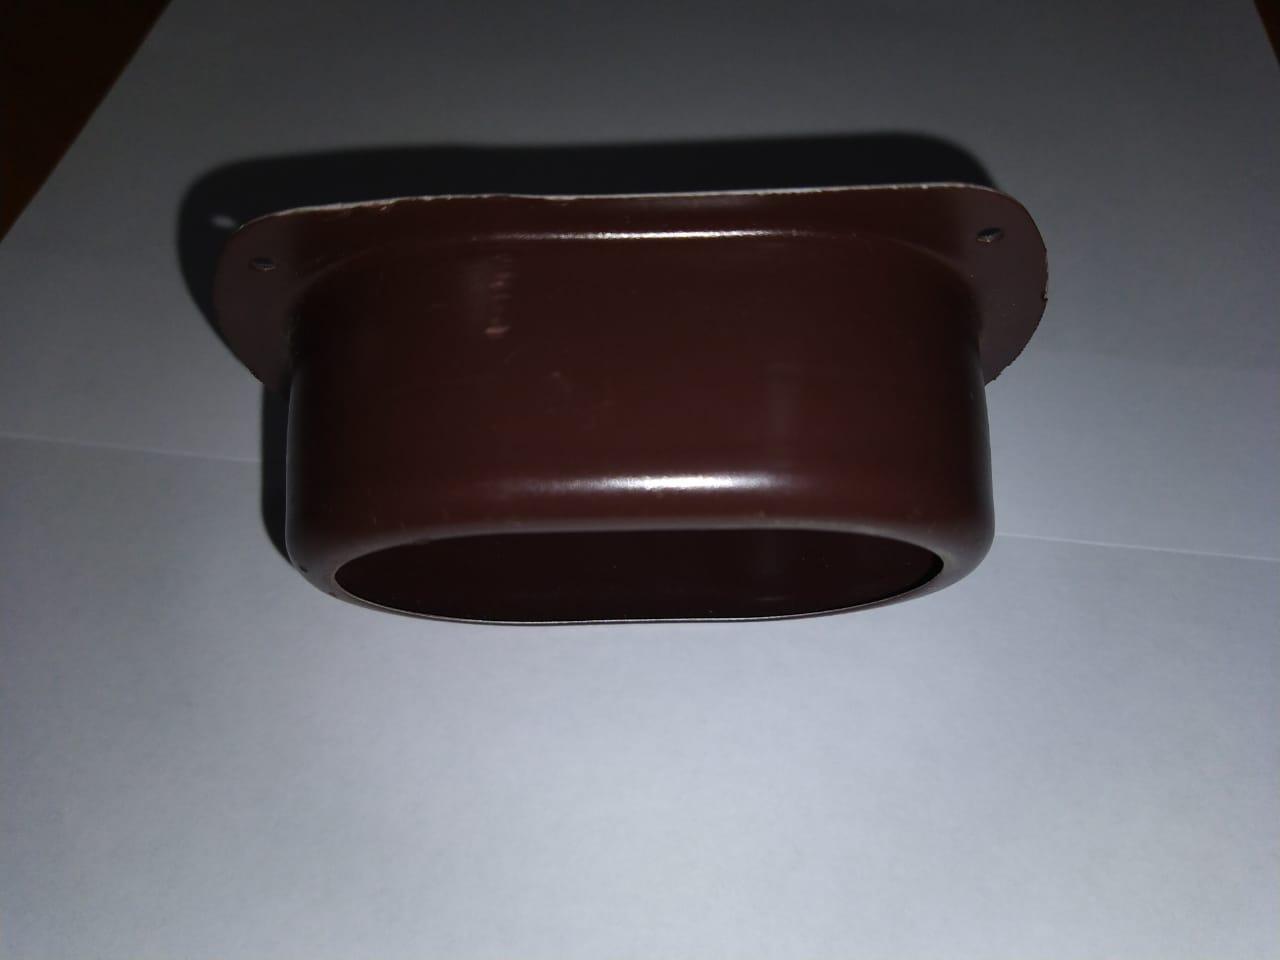 Воронка выпускная 76х102 / Соединитель трубы с желобом 76х102 Коричневый Металлический ПЭ Ral 8017